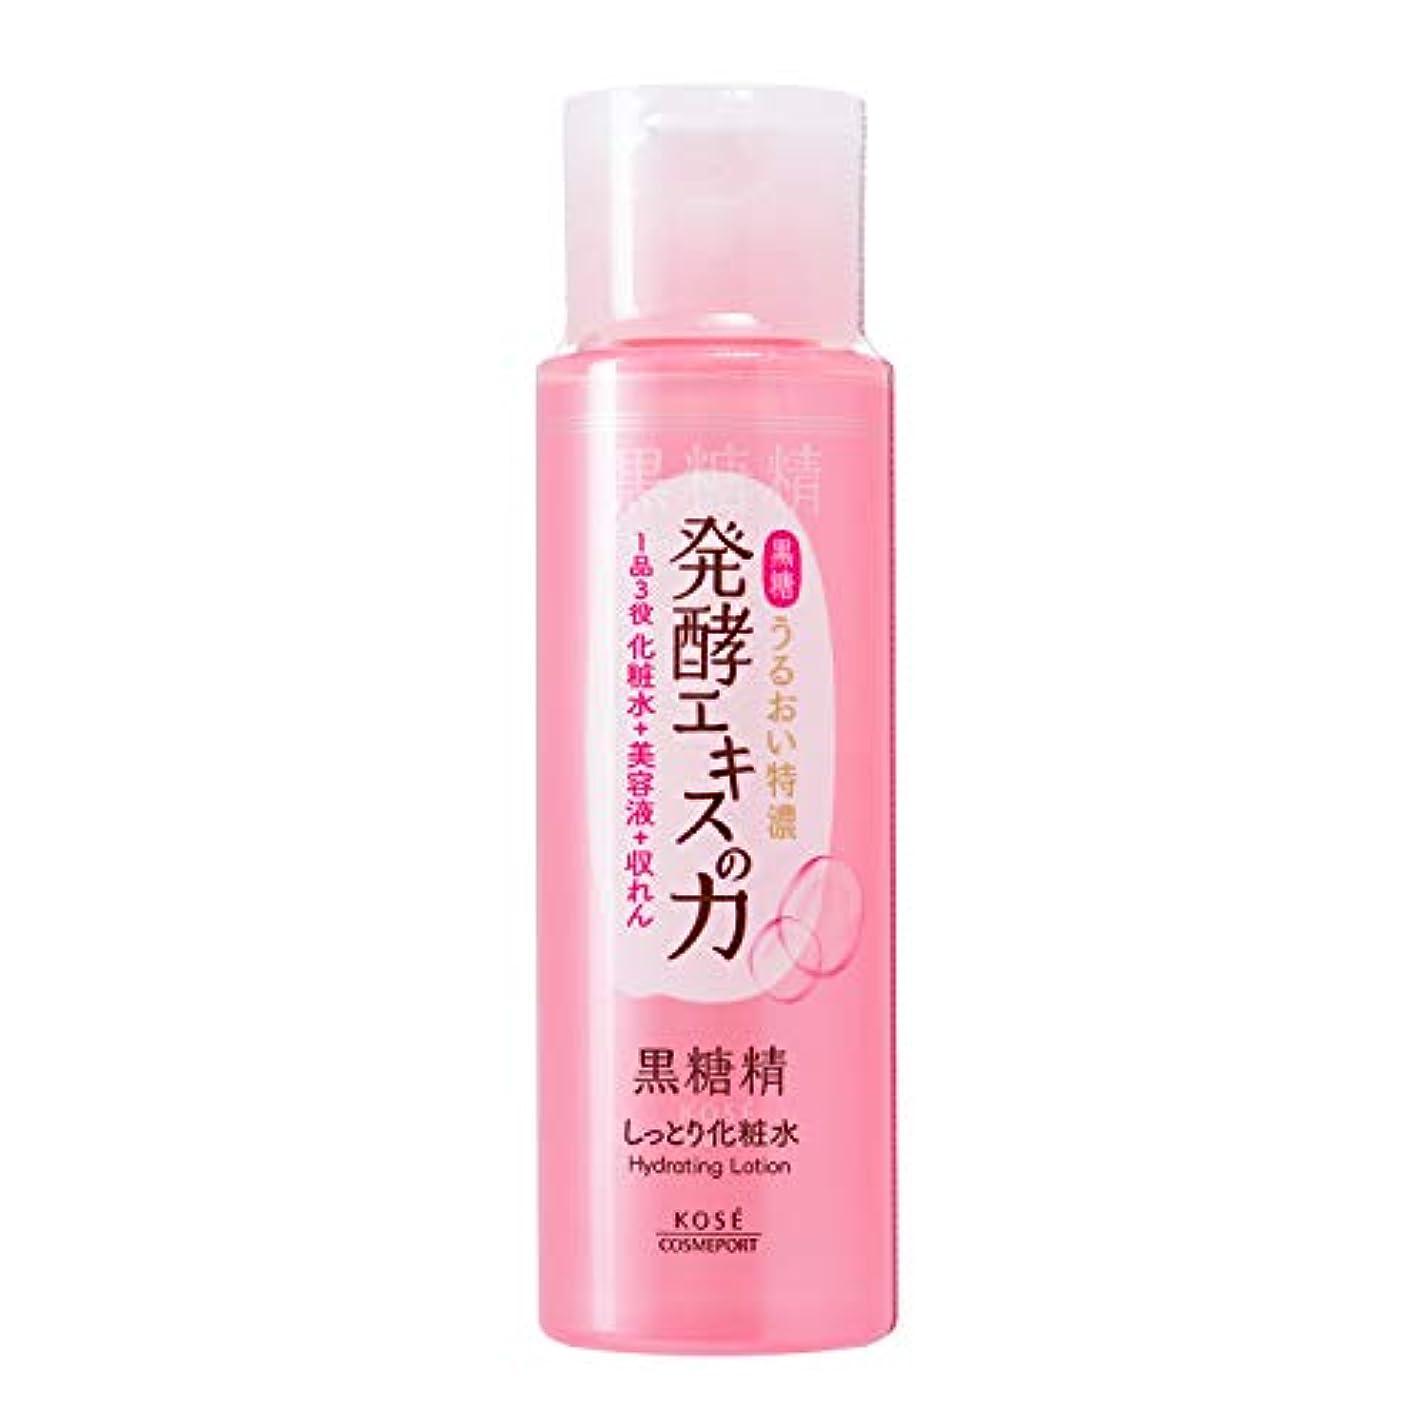 振りかけるコテージ禁止するKOSE 黒糖精 しっとり 化粧水 180mL